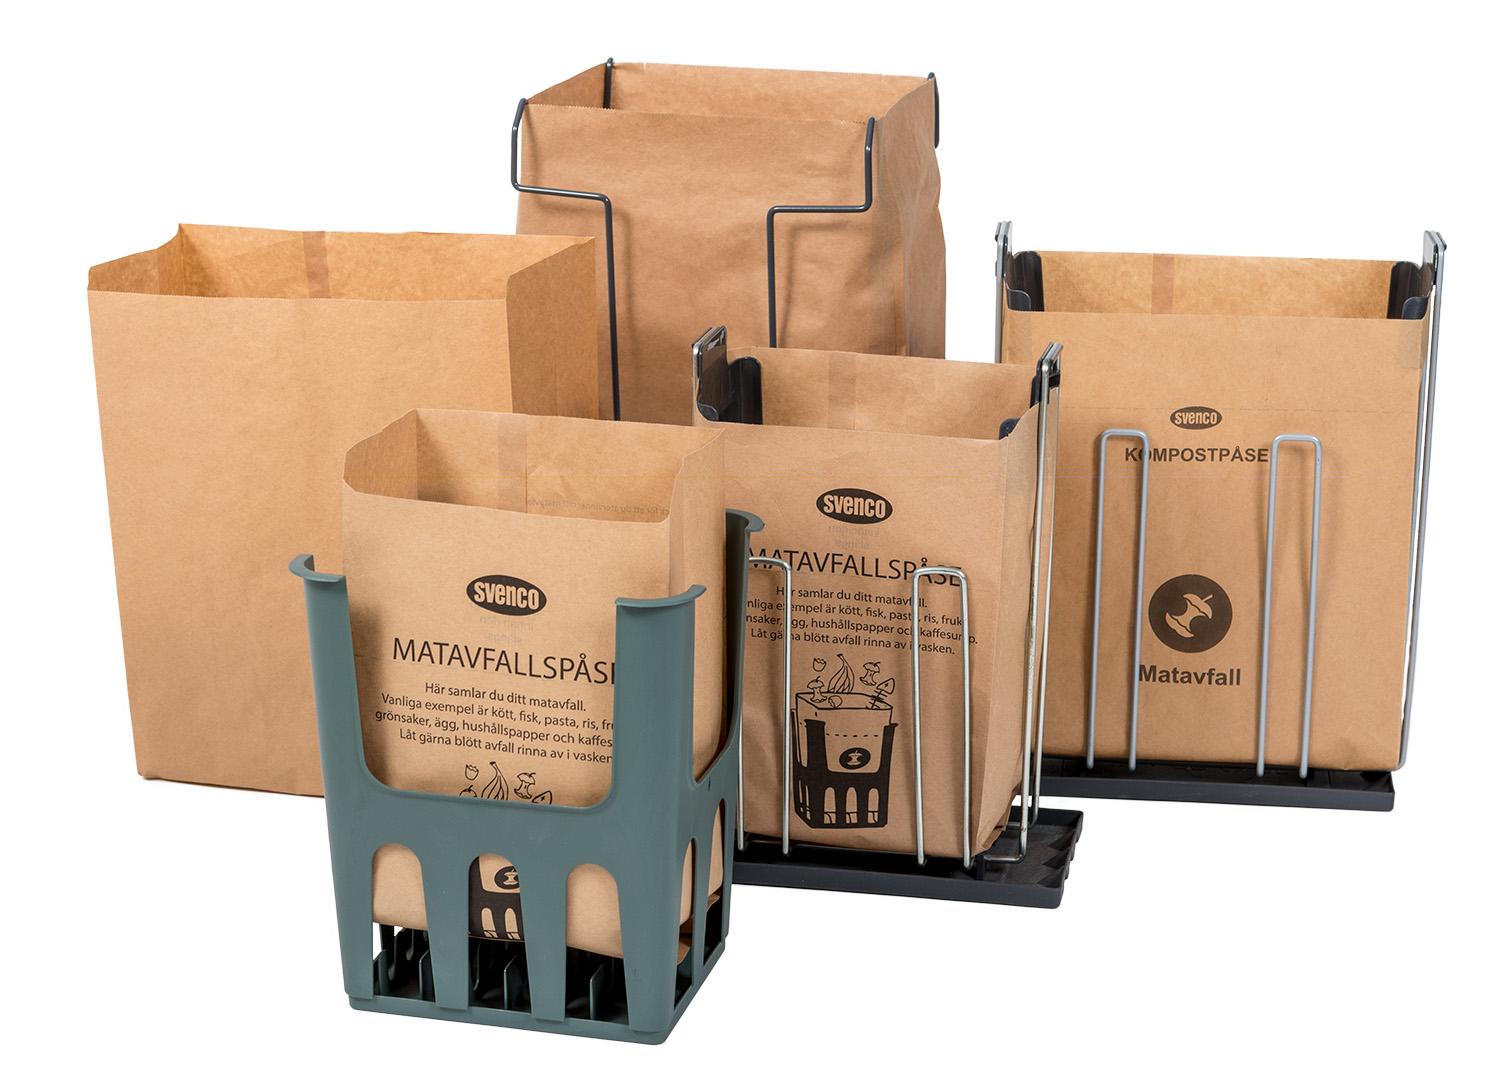 Påsar för matavfallsinsamling - Svenco